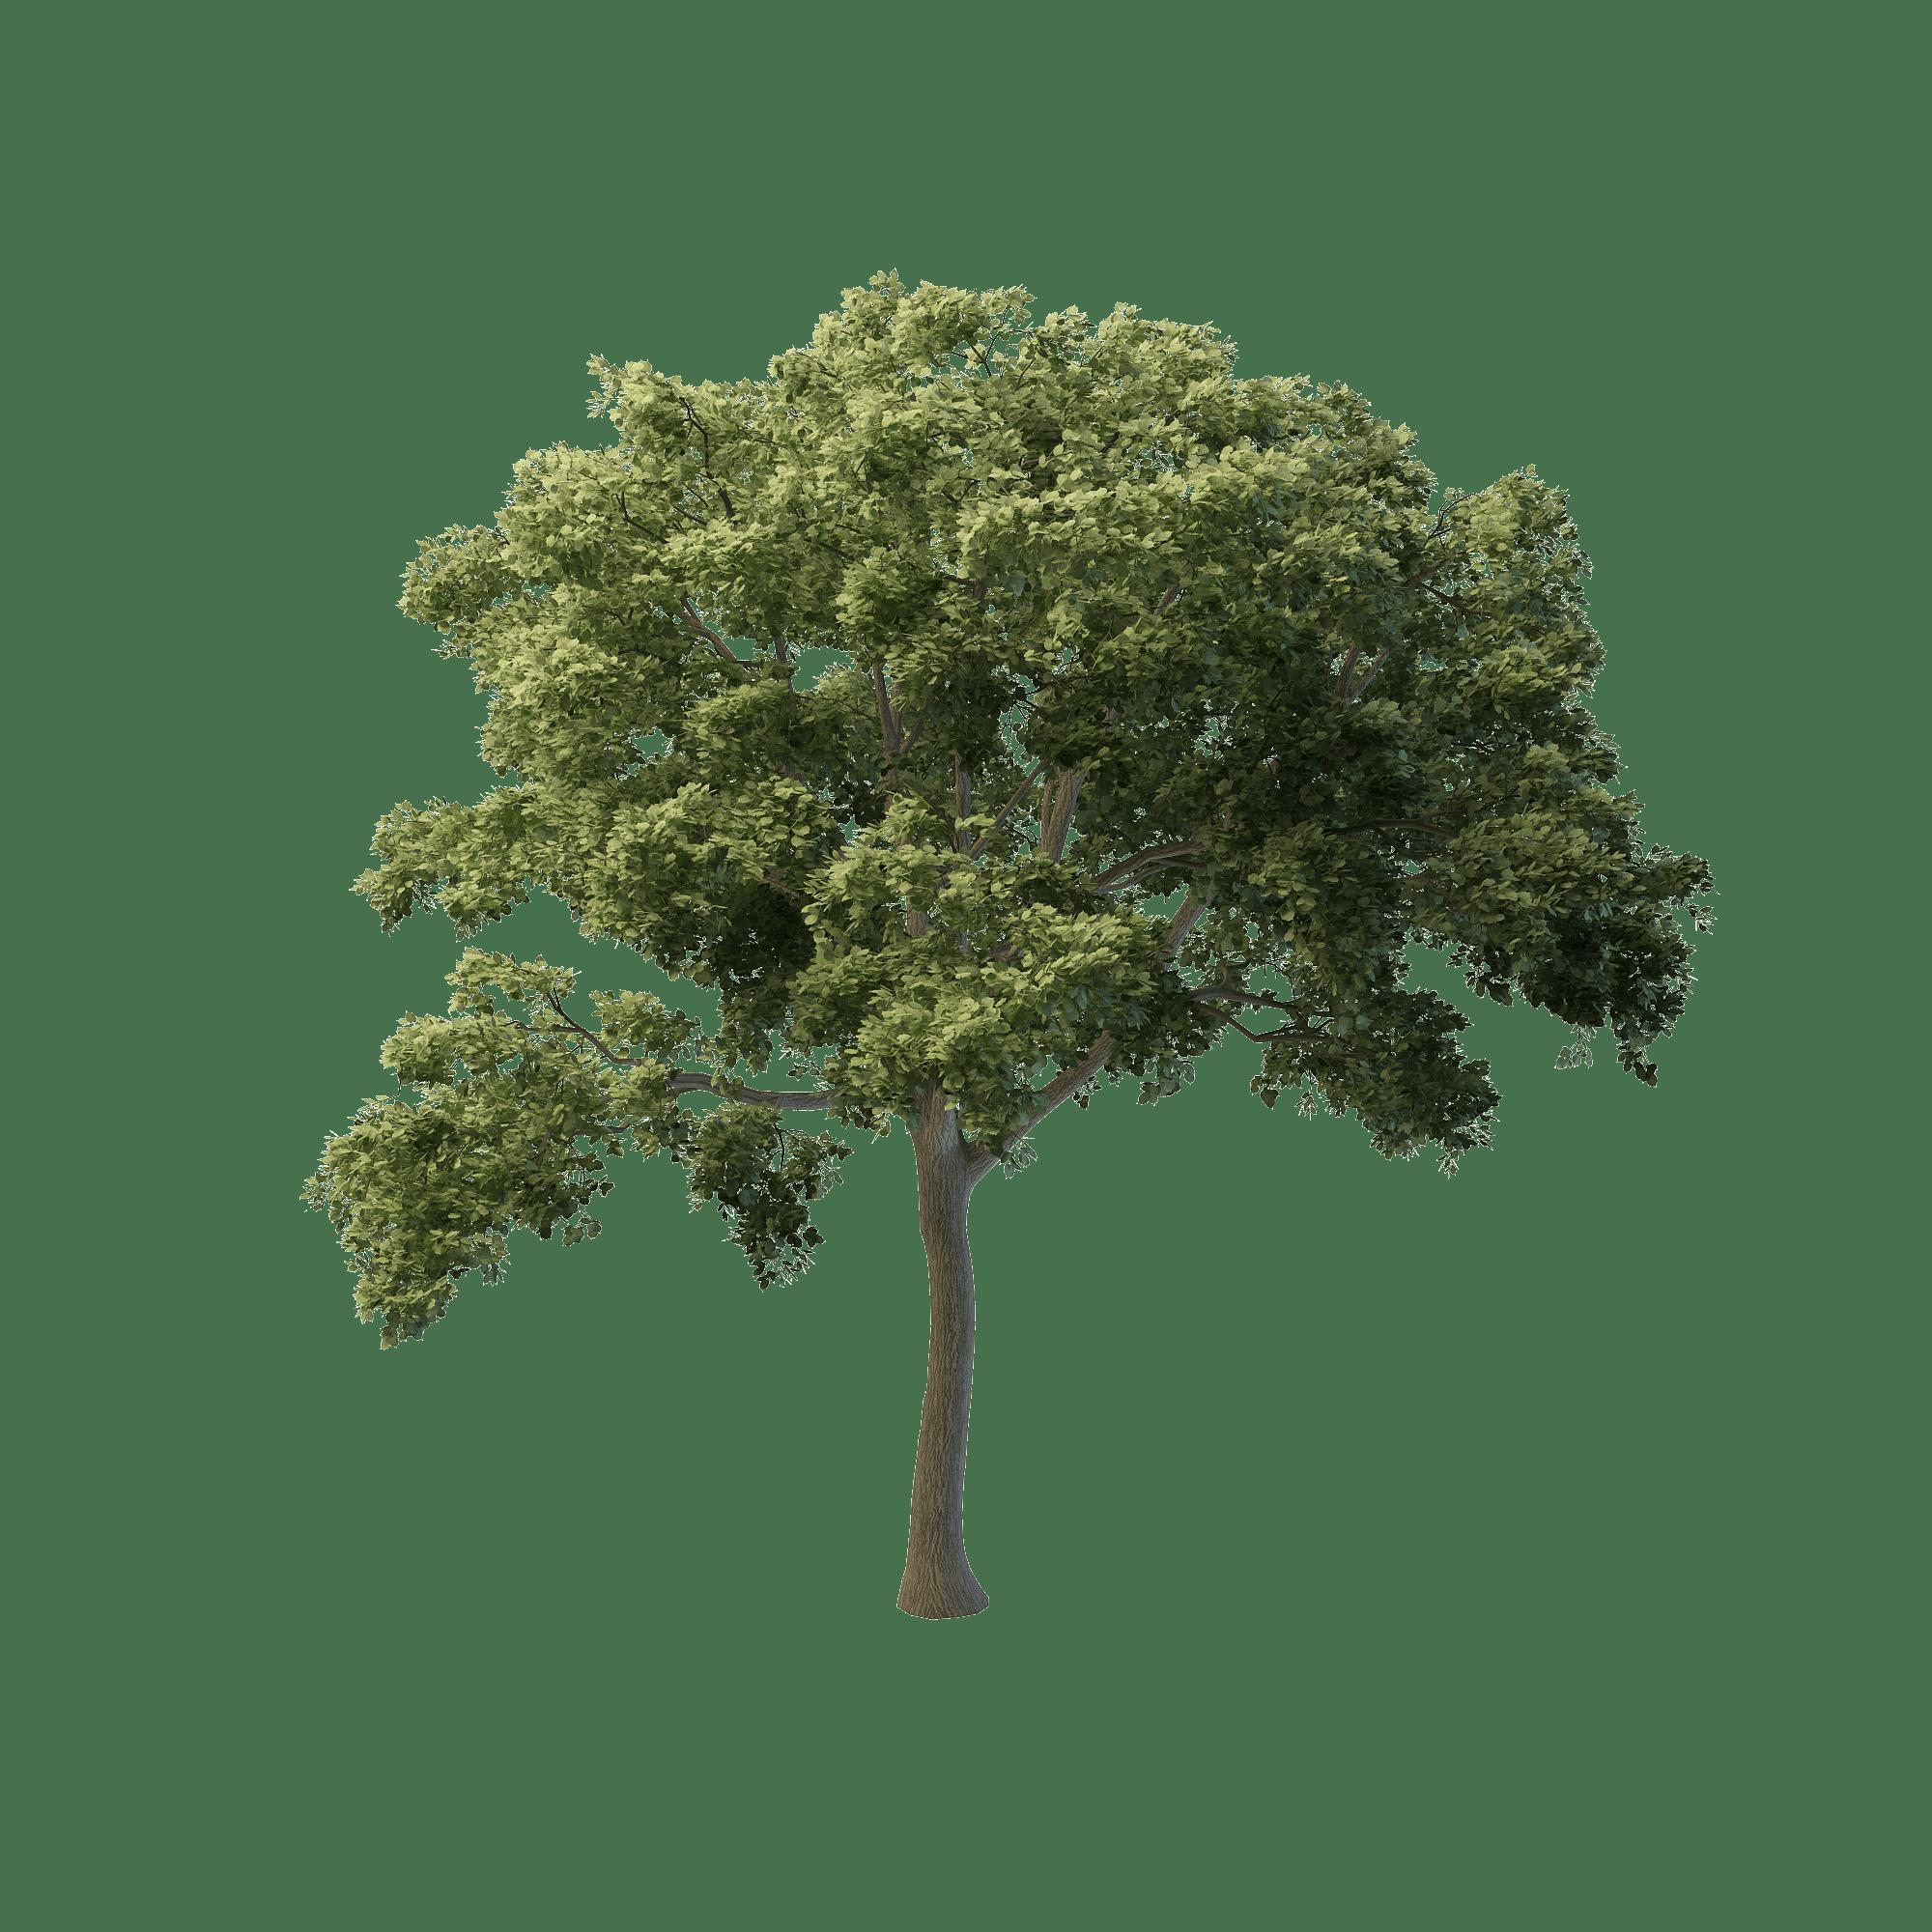 اپنی ریز درخت کے اپنی مرضی کے 3d ماڈلنگ